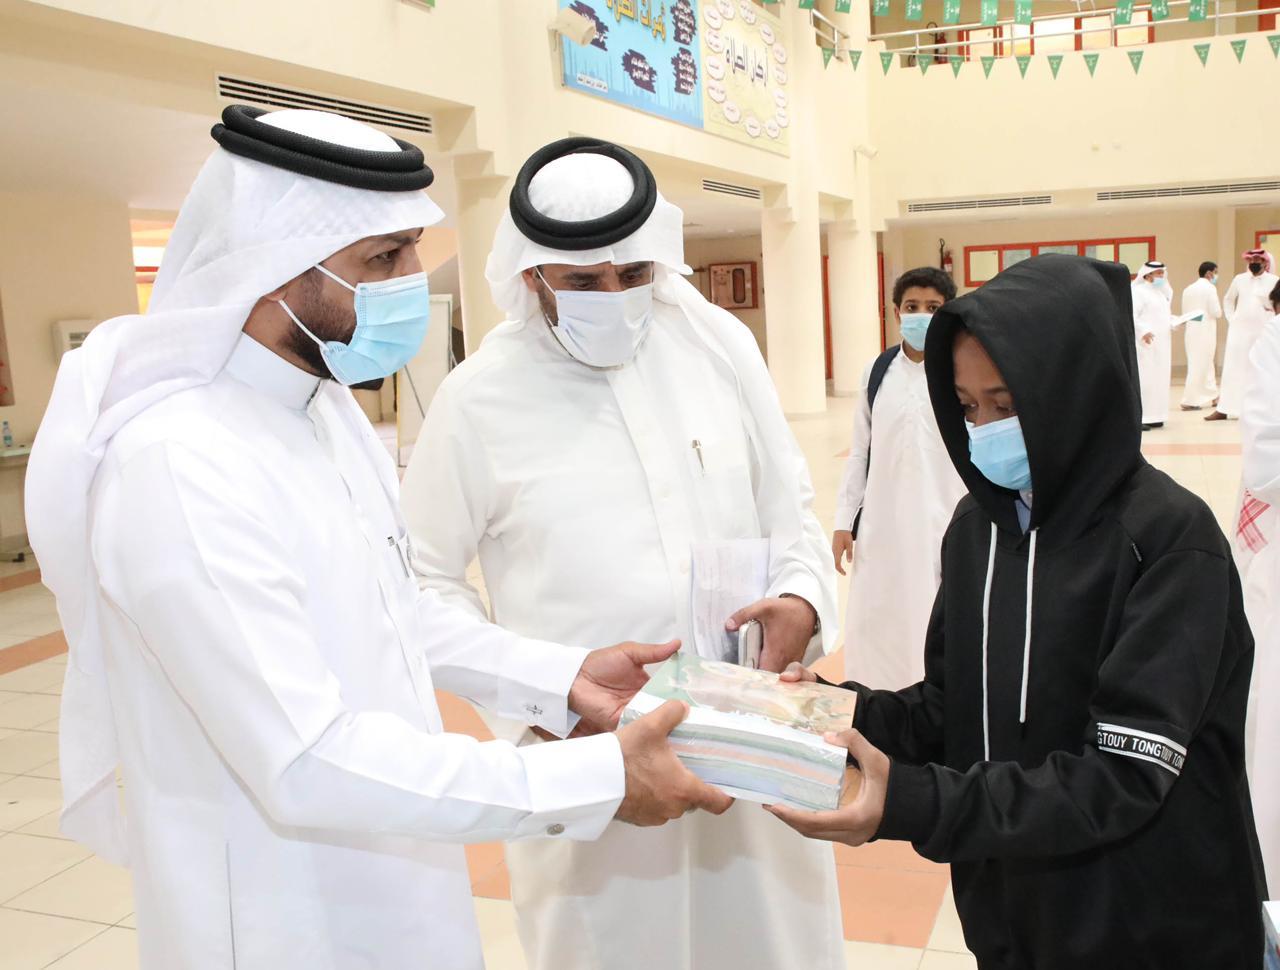 مدارس تعليم عسير تستقبل أكثر من 200 ألف طالب وطالبة - المواطن